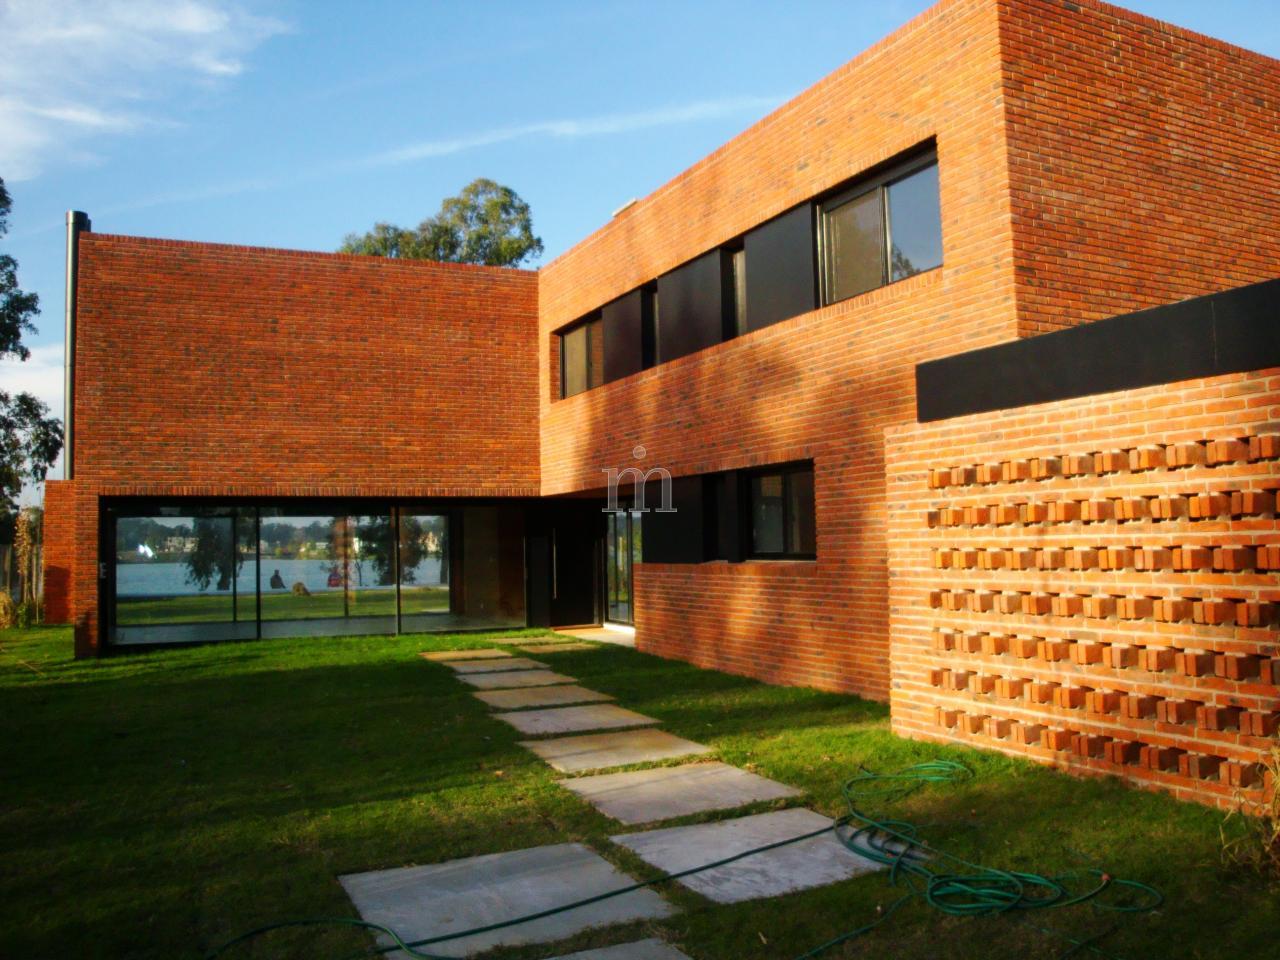 Parque miramar casa estilo minimalista a estrenar for Casa minimalista uy